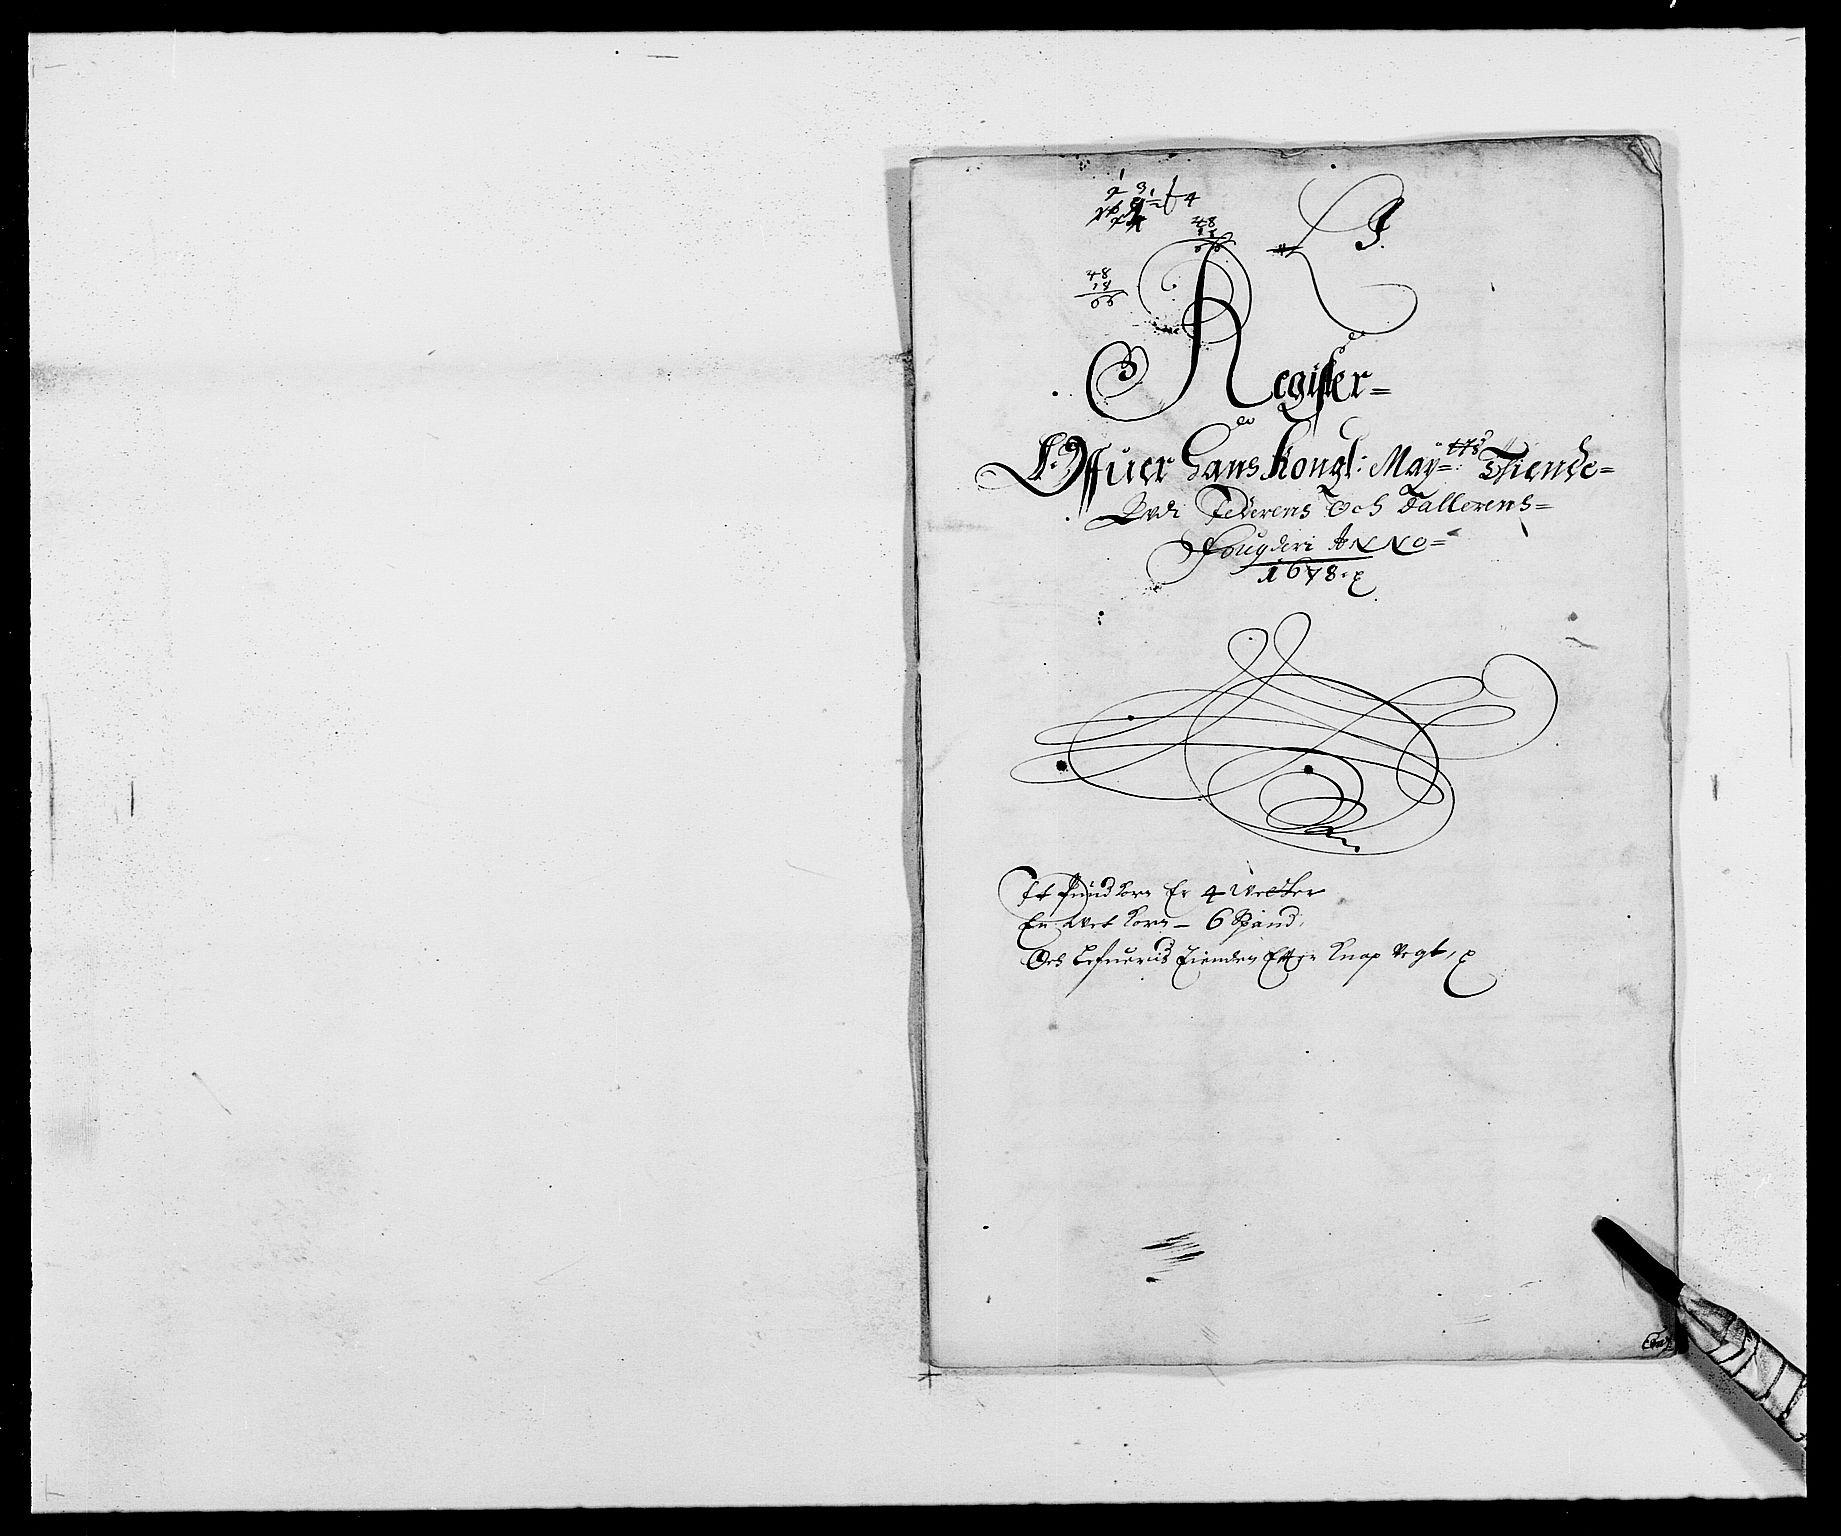 RA, Rentekammeret inntil 1814, Reviderte regnskaper, Fogderegnskap, R46/L2718: Fogderegnskap Jæren og Dalane, 1678, s. 275